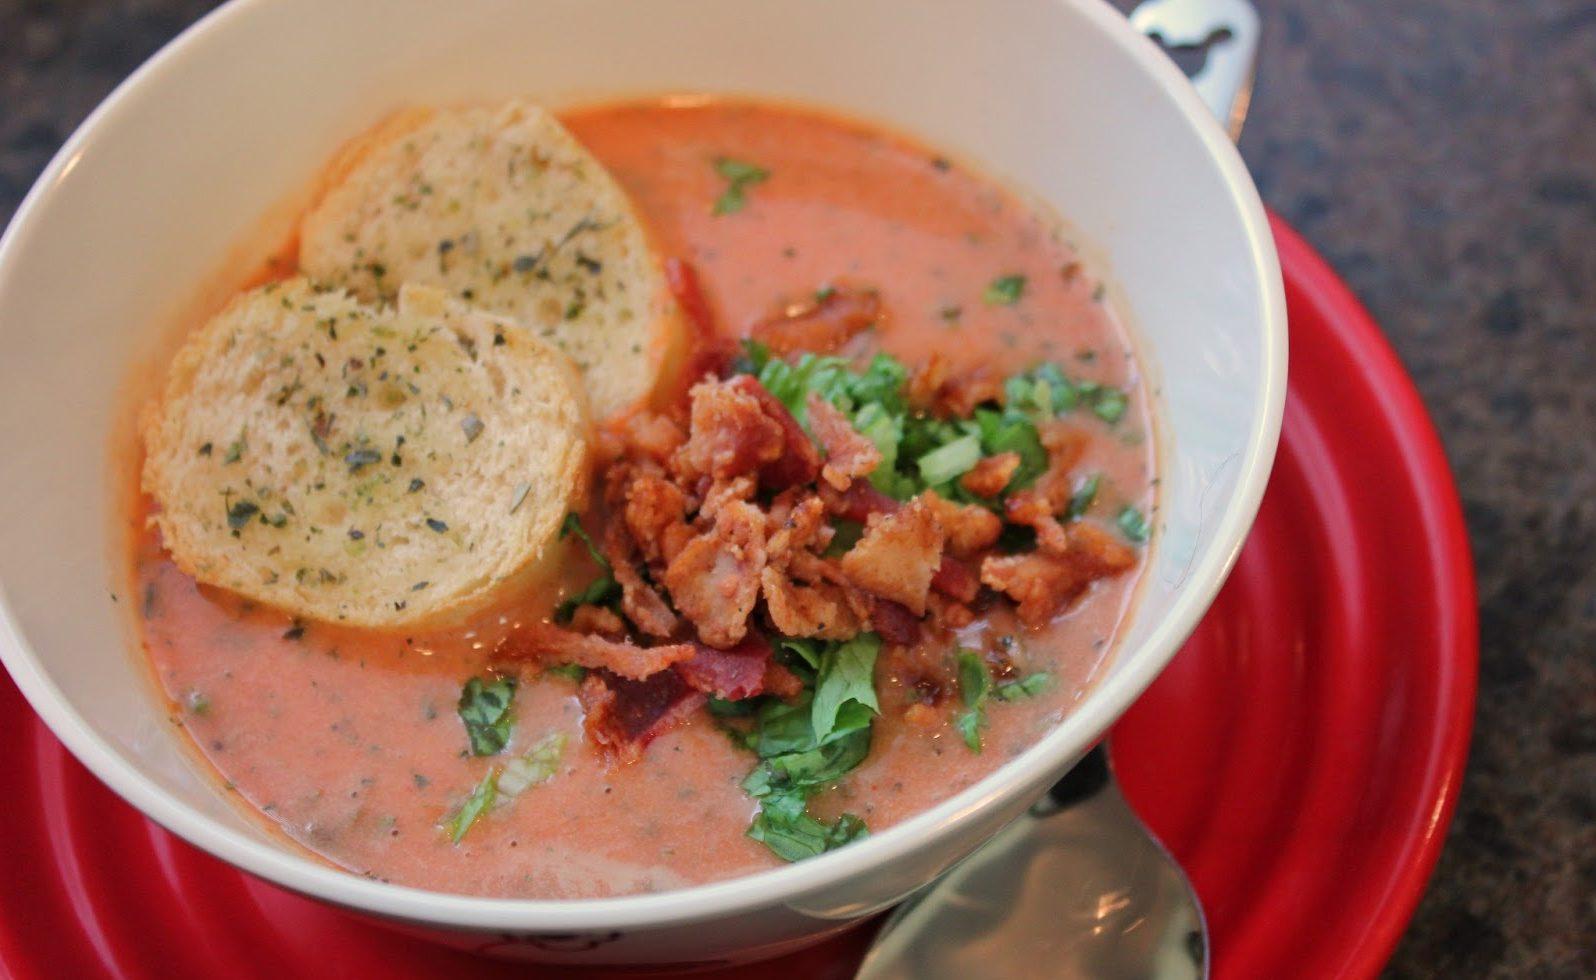 Sci-Fi Dine-In Theater's BLT Soup Recipe